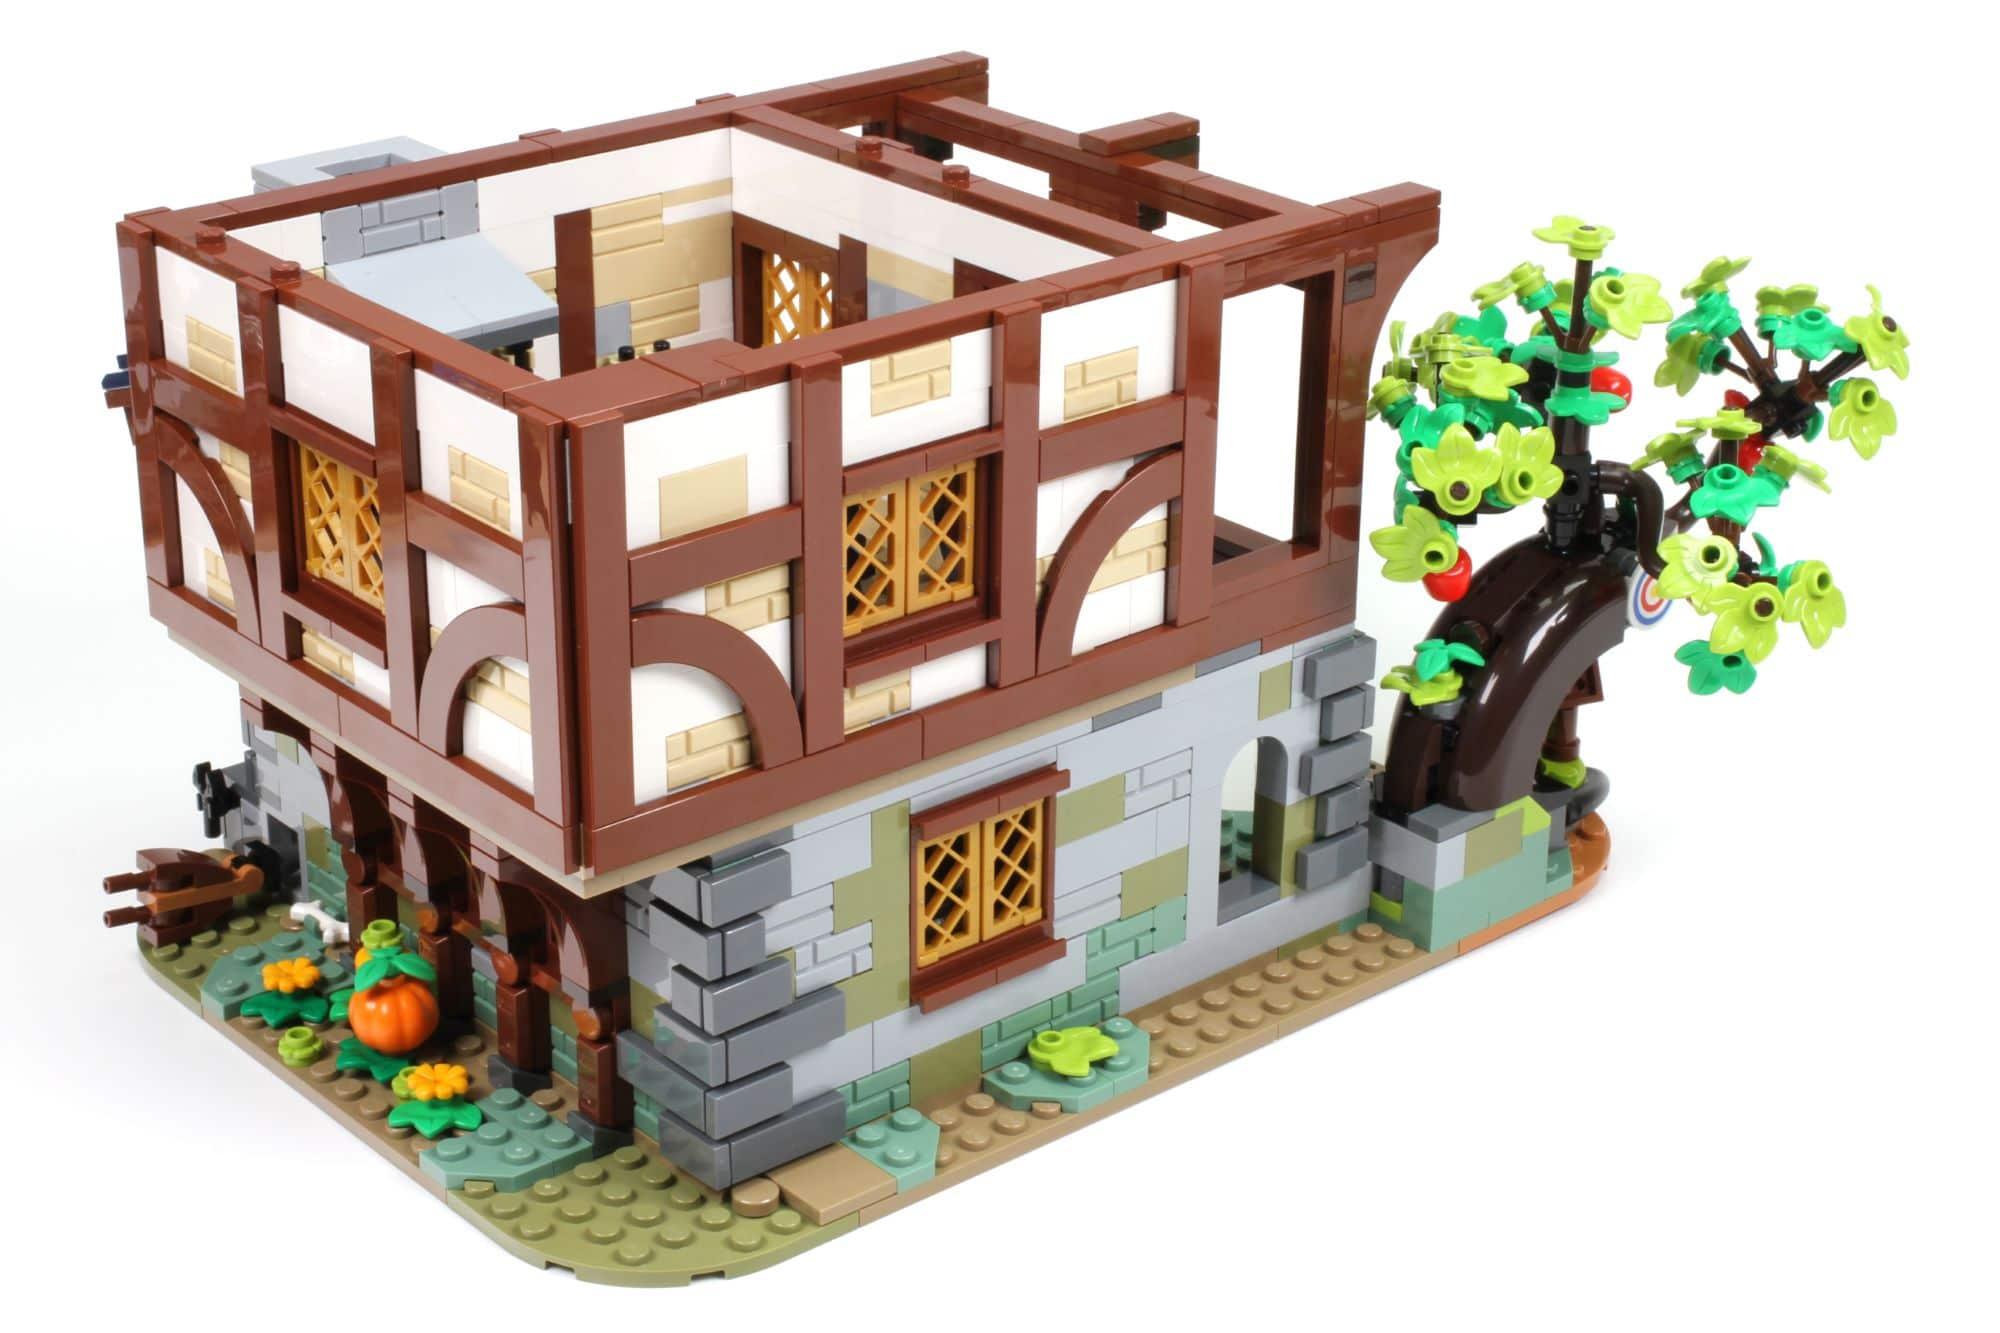 LEGO Ideas 21325 Mittelalterliche Schmiede Bauabschnitt 8 6